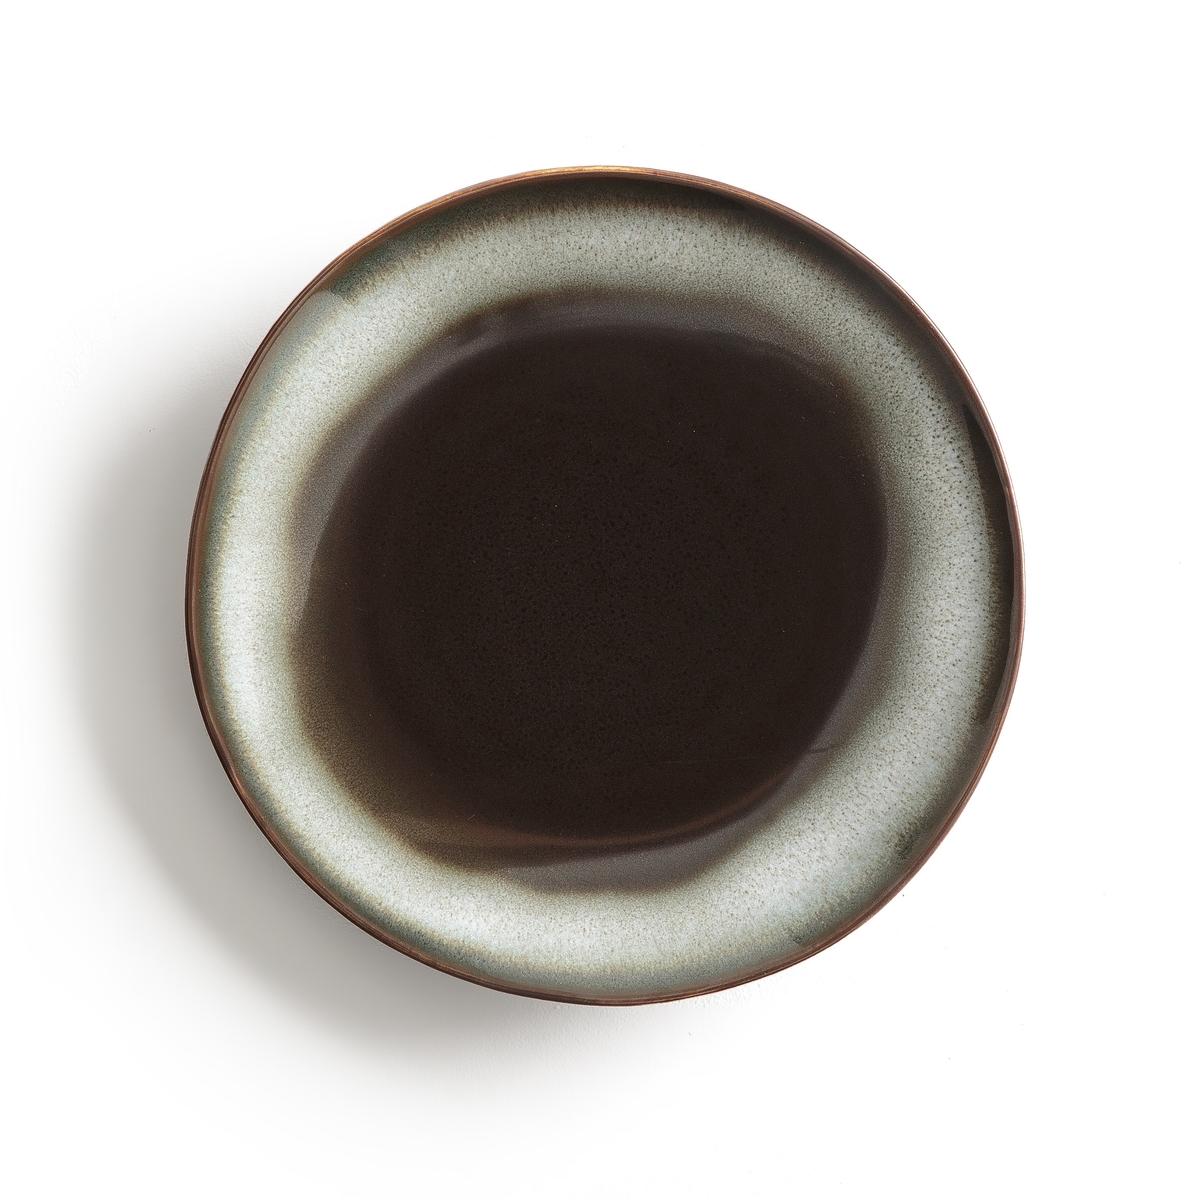 Комплект из 4 десертных тарелок из керамики Tadefi